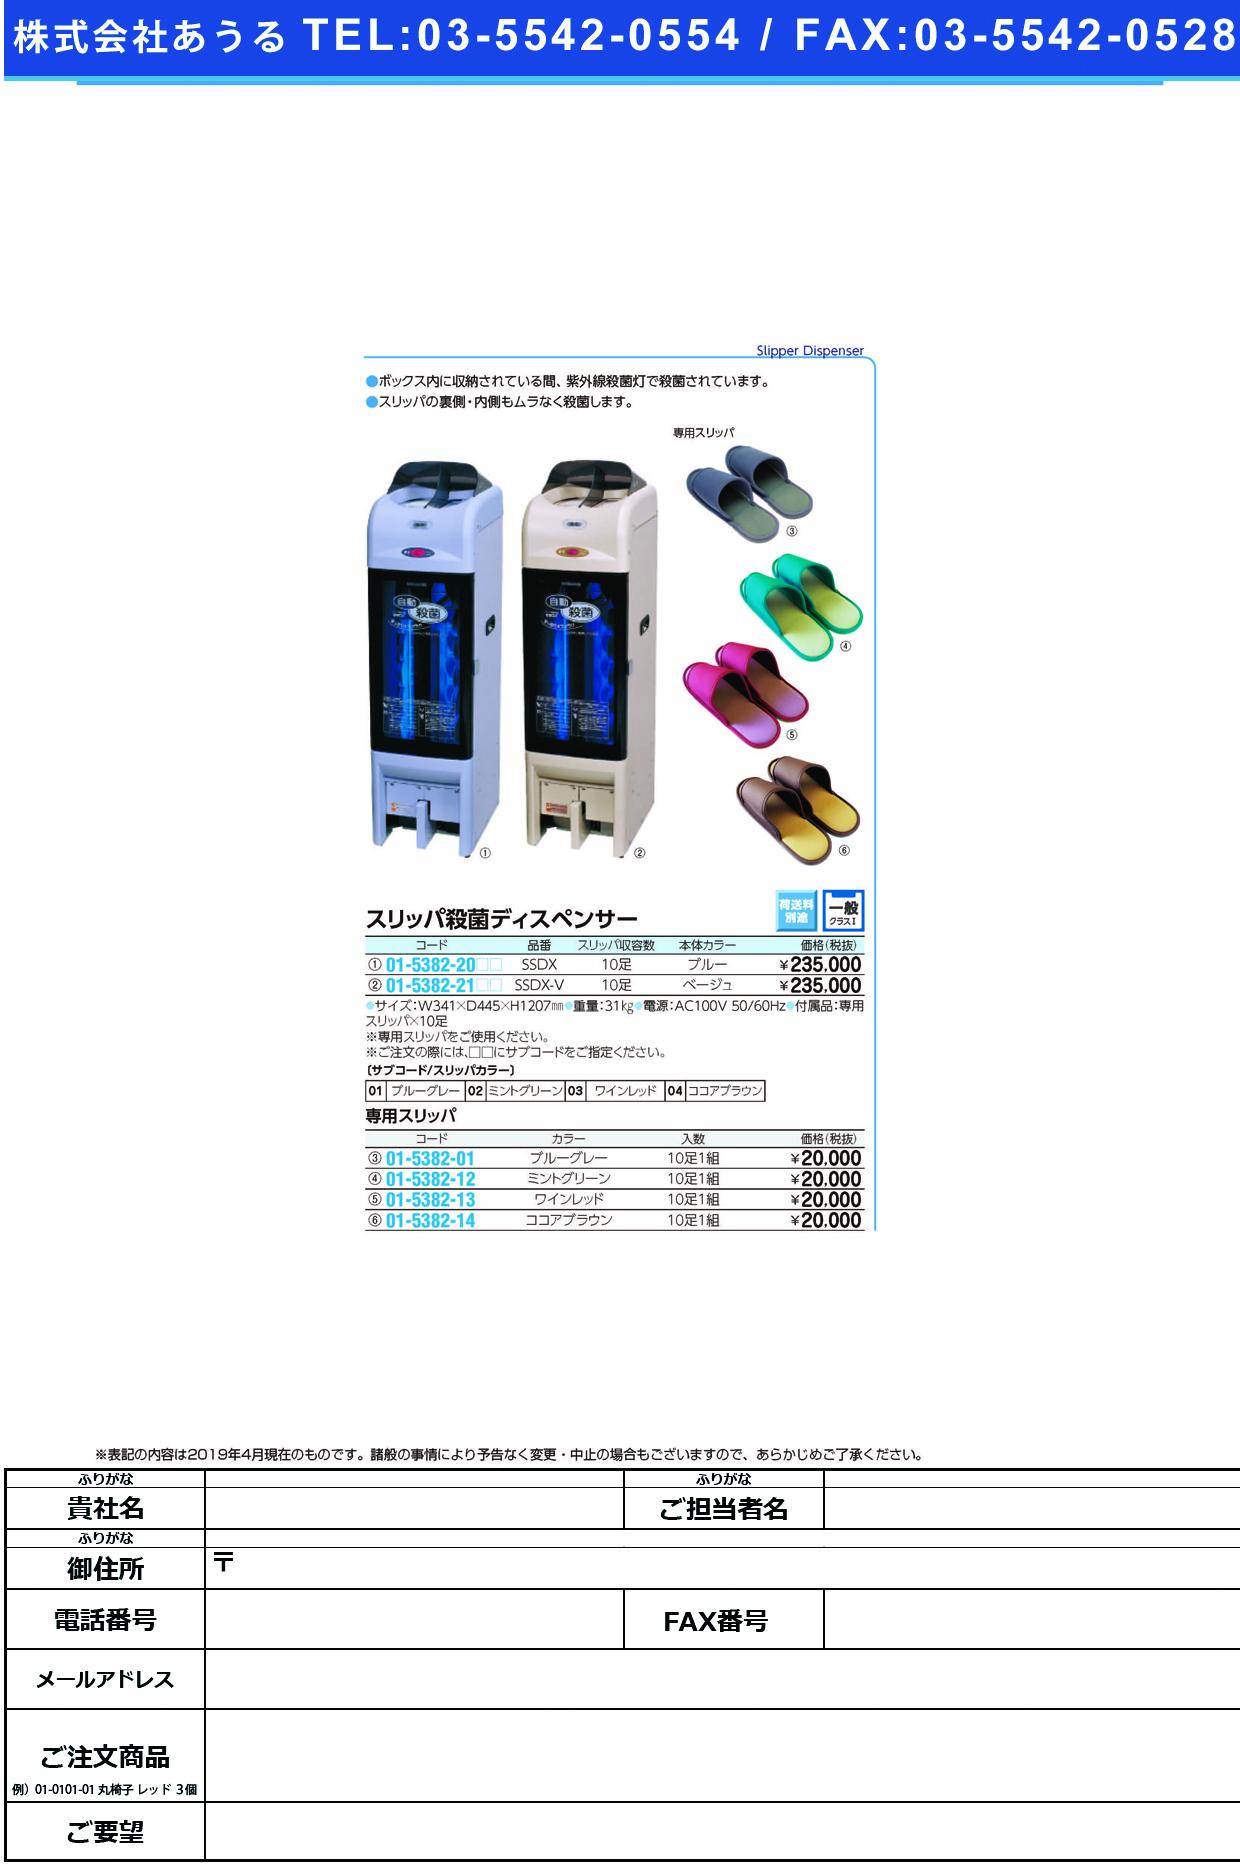 (01-5382-21)スリッパ殺菌ディスペンサー SSDX-V(ホンタイベージュ) スリッパサッキンディスペンサー スリッパ:ワインレッド(新鋭工業)【1台単位】【2019年カタログ商品】